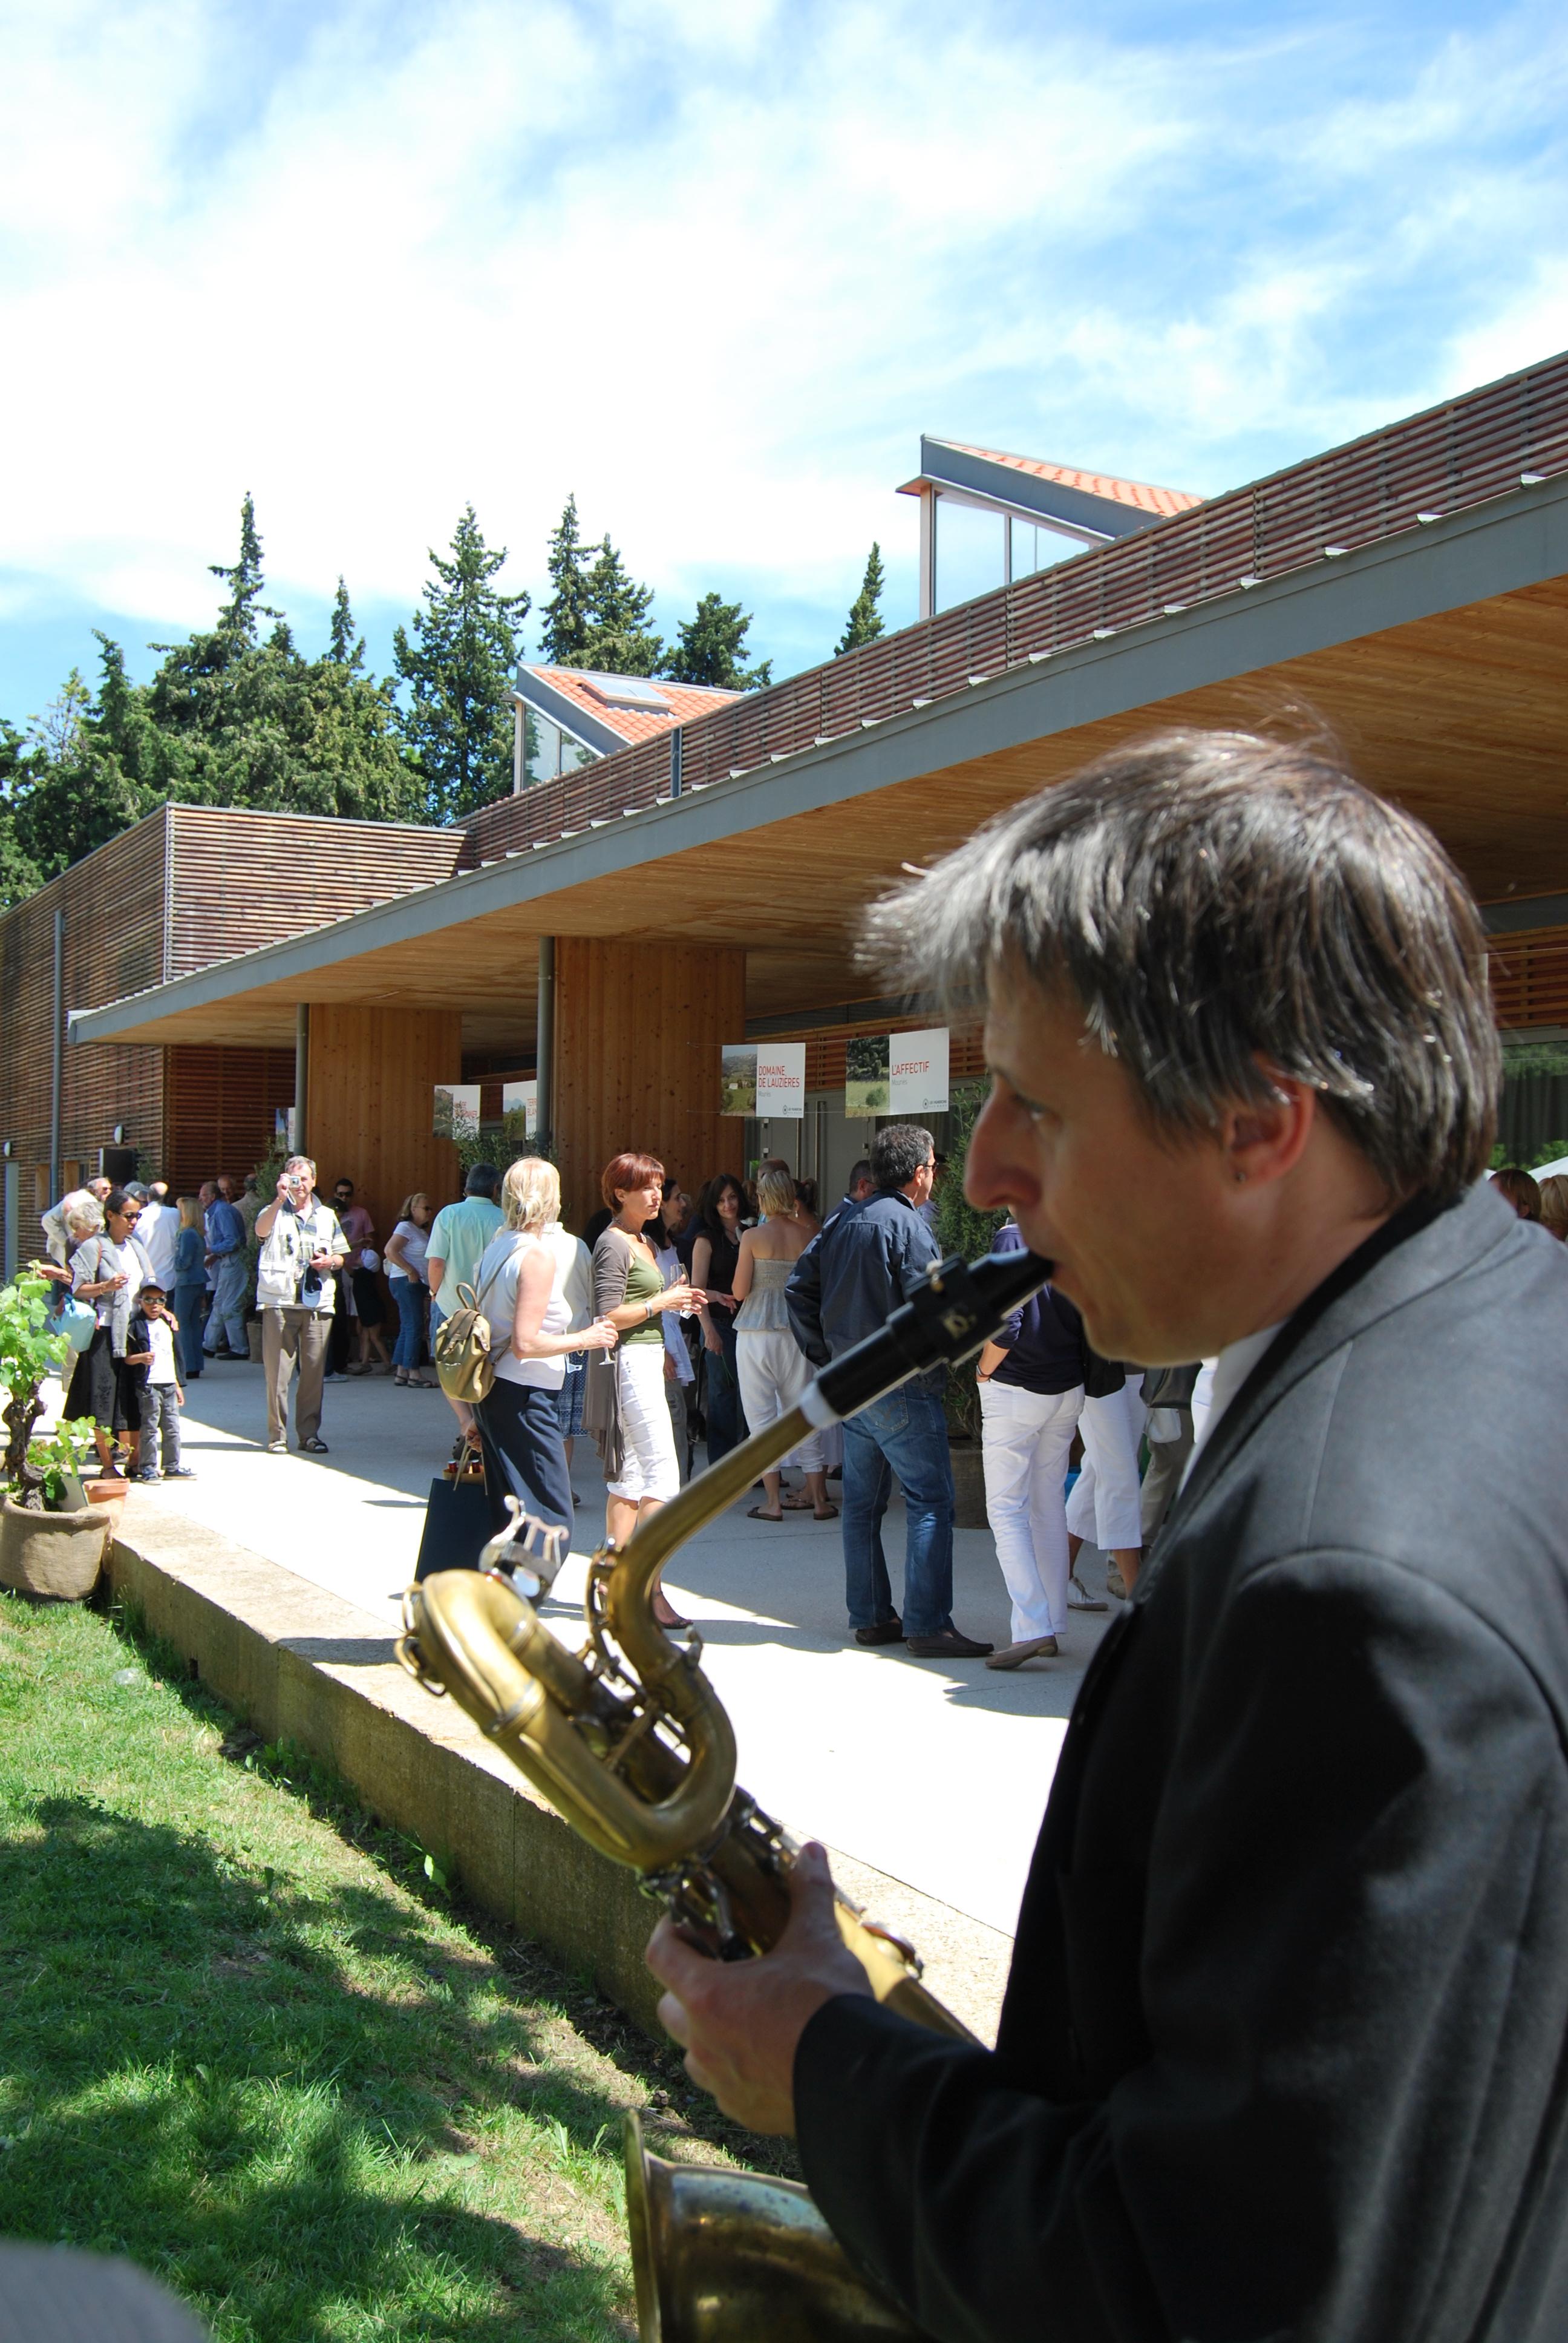 Your event in maussane les alpilles office de tourisme - Office de tourisme maussane les alpilles ...